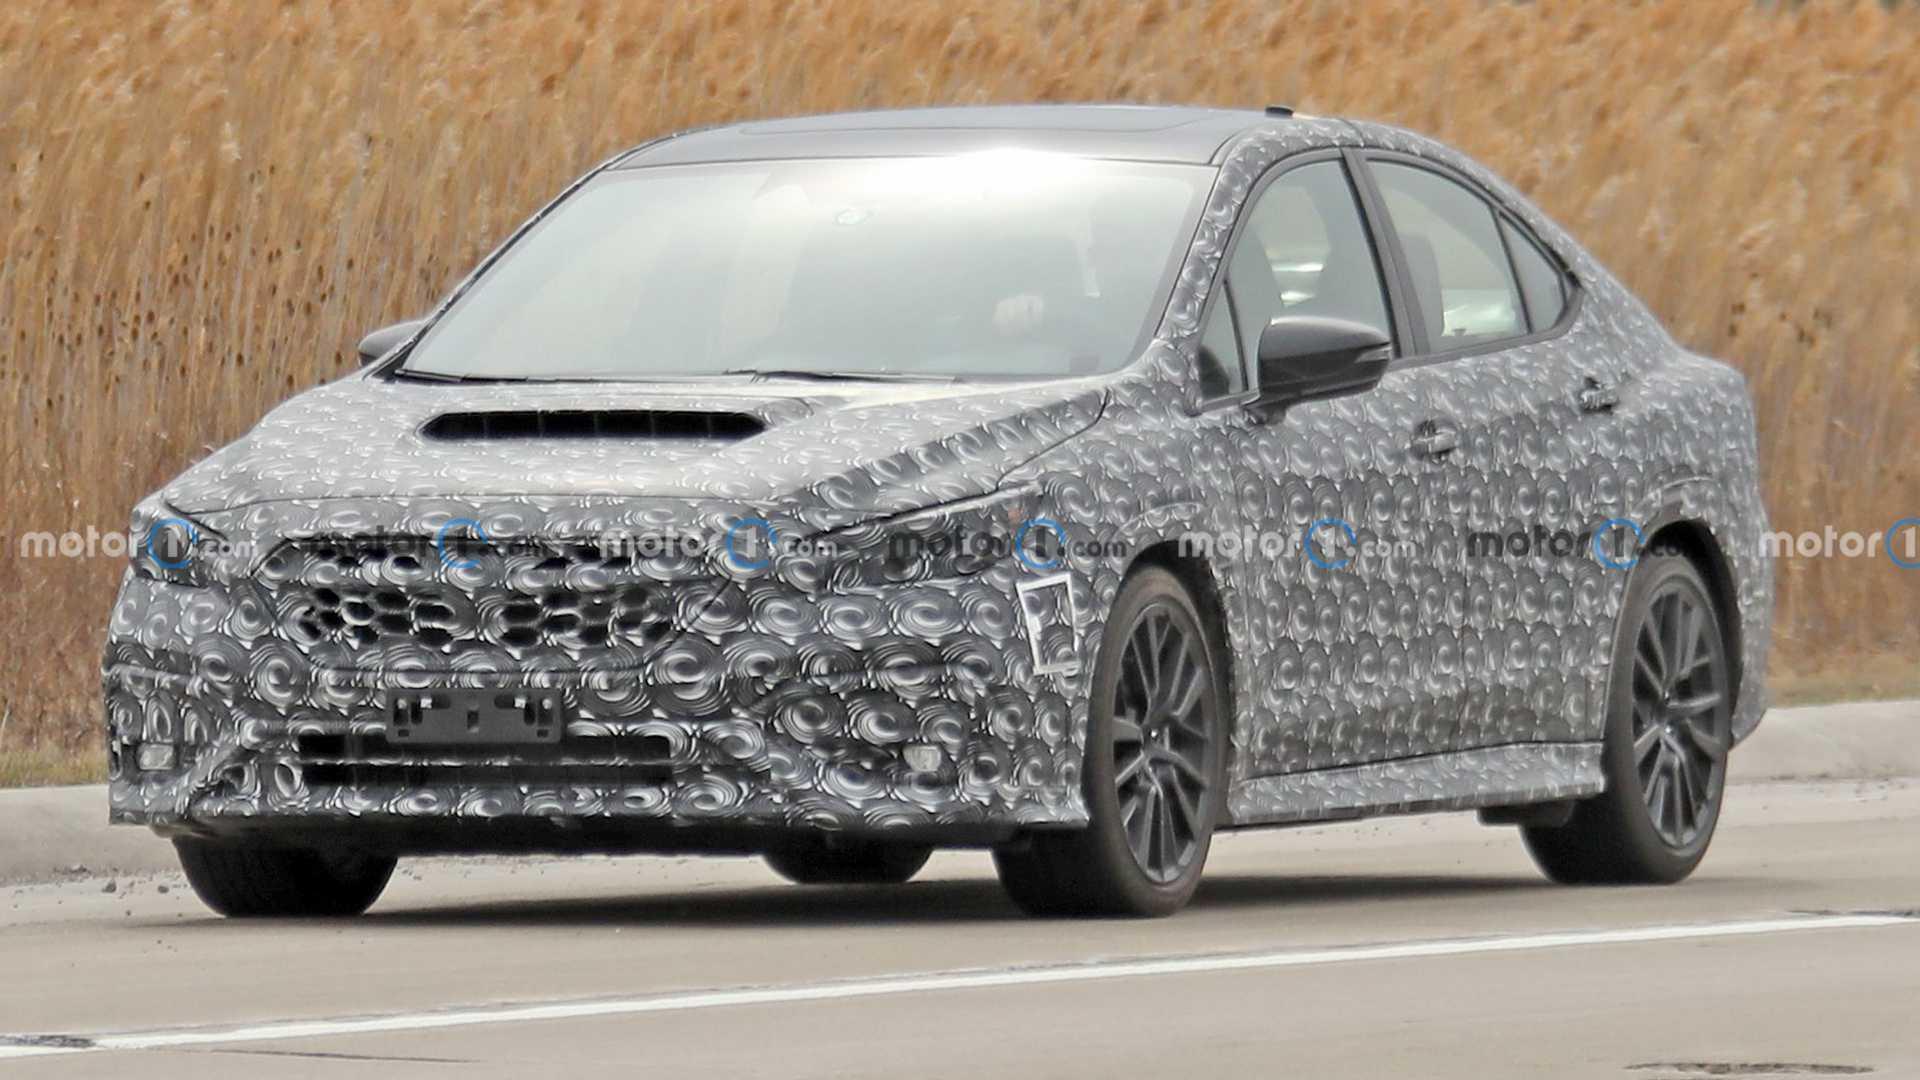 Subaru WRX является основным продуктом в линейке бренда, и компания достаточно часто обновляет его. Сейчас готовится следующая генерация модели, и представят ее уже совсем скоро – 19 августа.